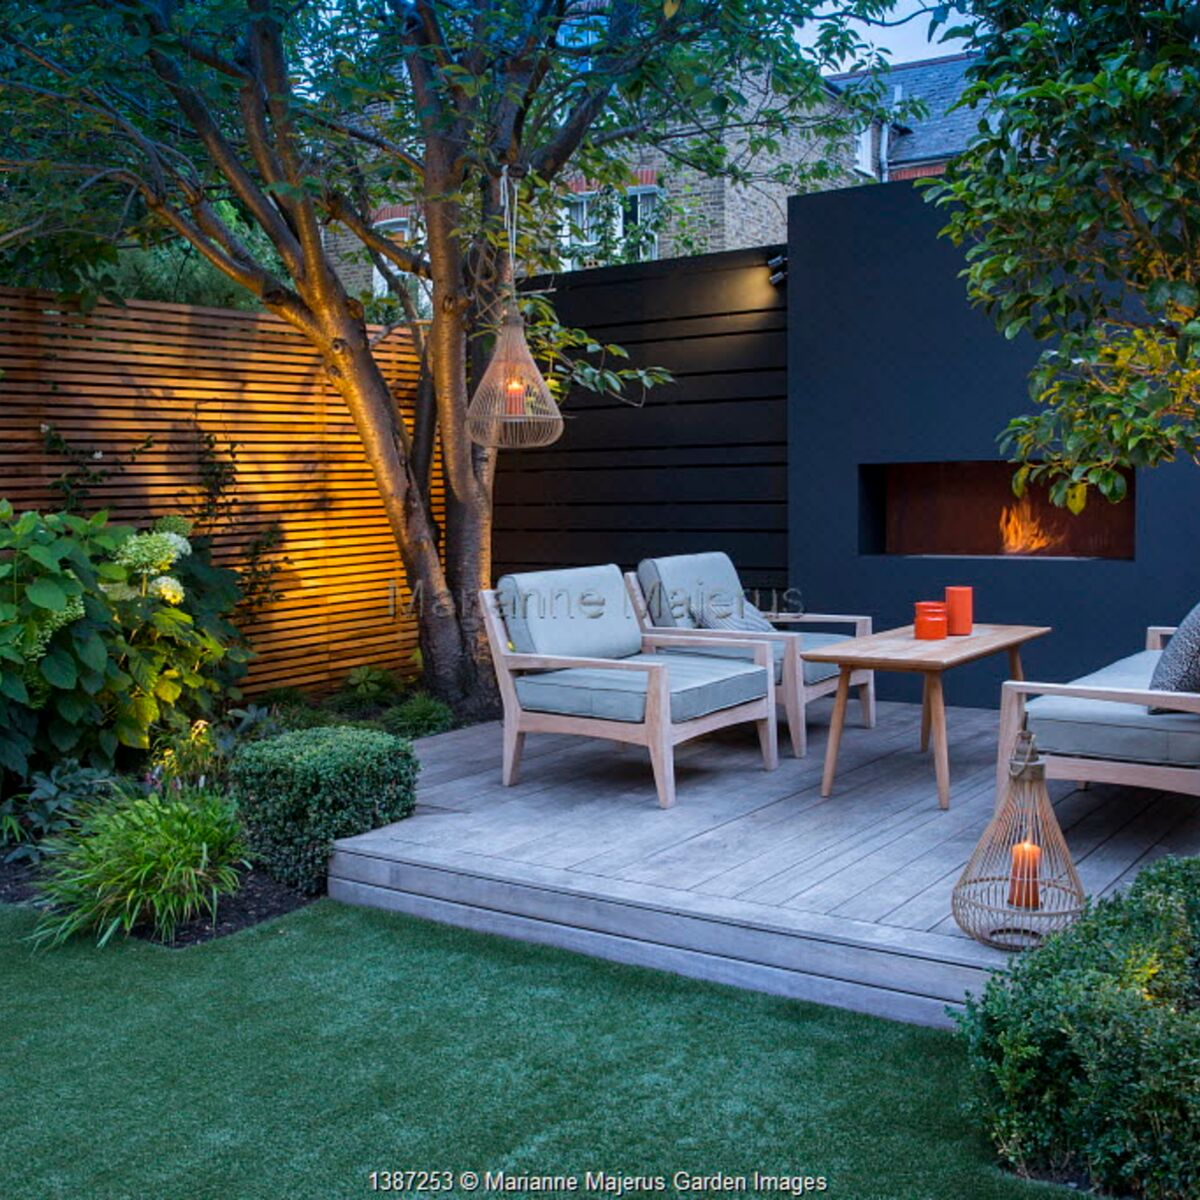 Eclairage De Terrasse Sur Pied terrasse, jardin, balcon : 15 conseils pour bien éclairer